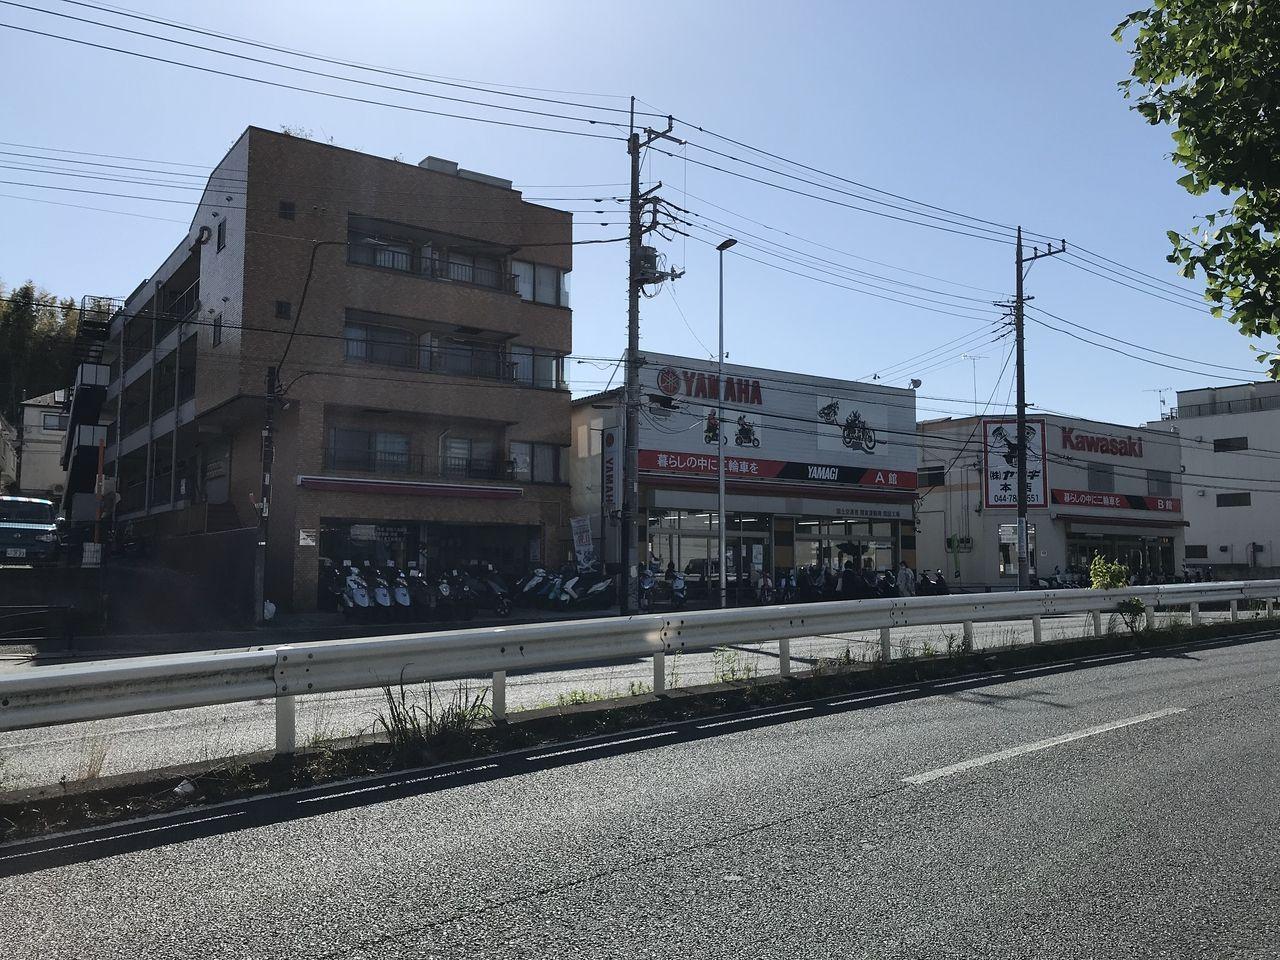 野川?いや、宮前区?いやいや、川崎市でNo,1のバイク屋「山儀(ヤマギ)」